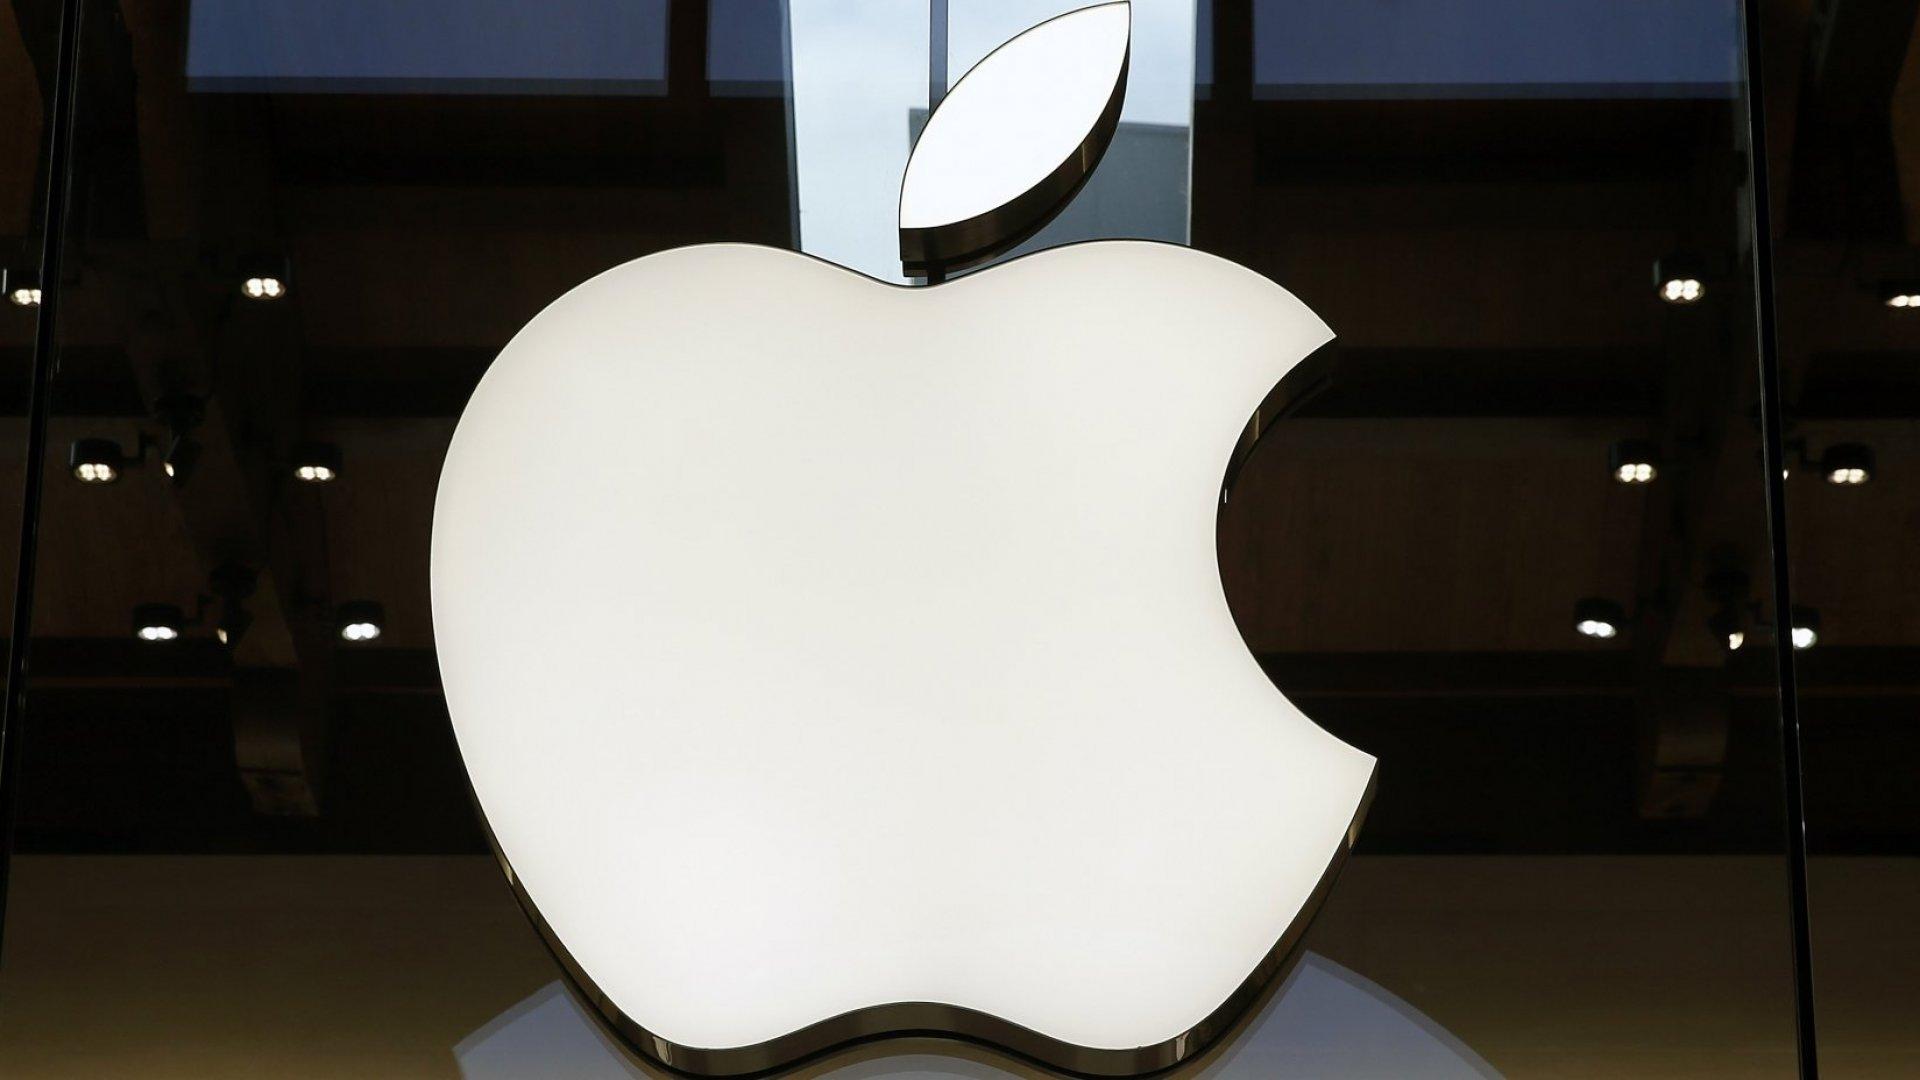 Apple to Open New Data Center in Denmark